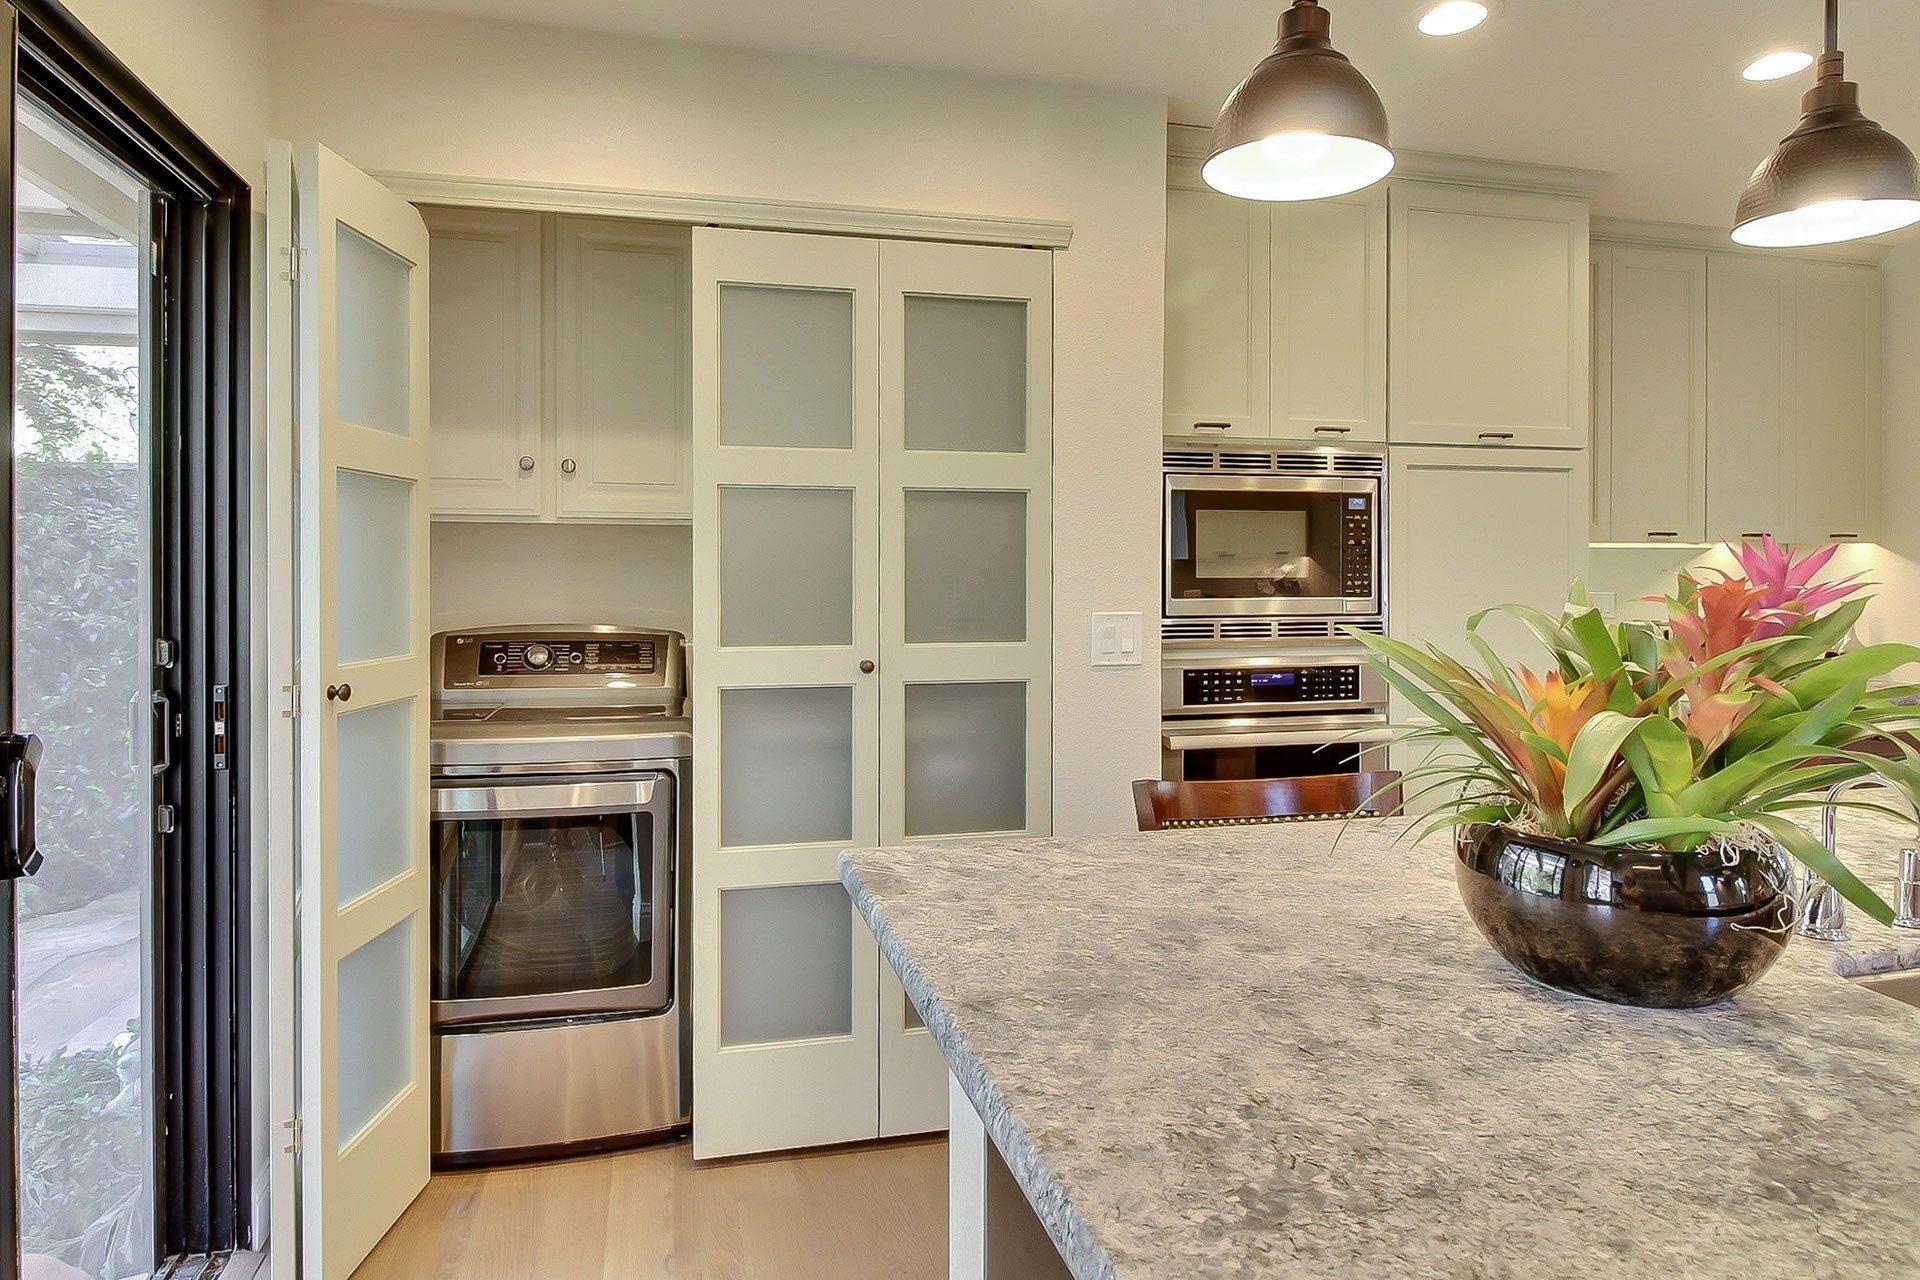 updated kitchen lights